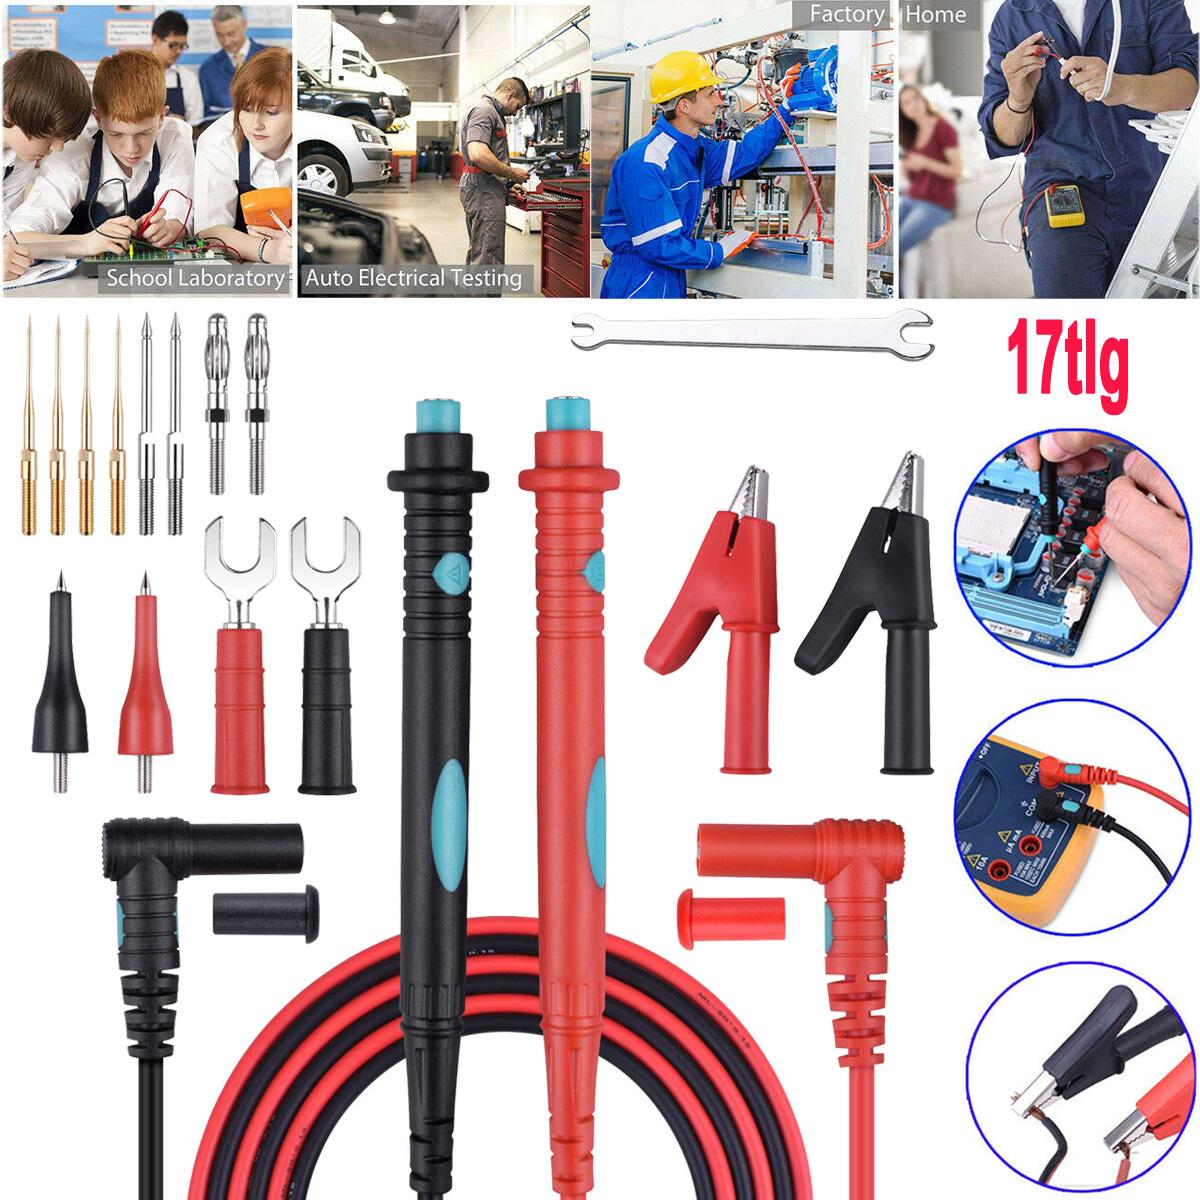 Paar 10A 1000V Messkabel Messleitung Prüfkabel Digital Multimeter Test Pen Draht